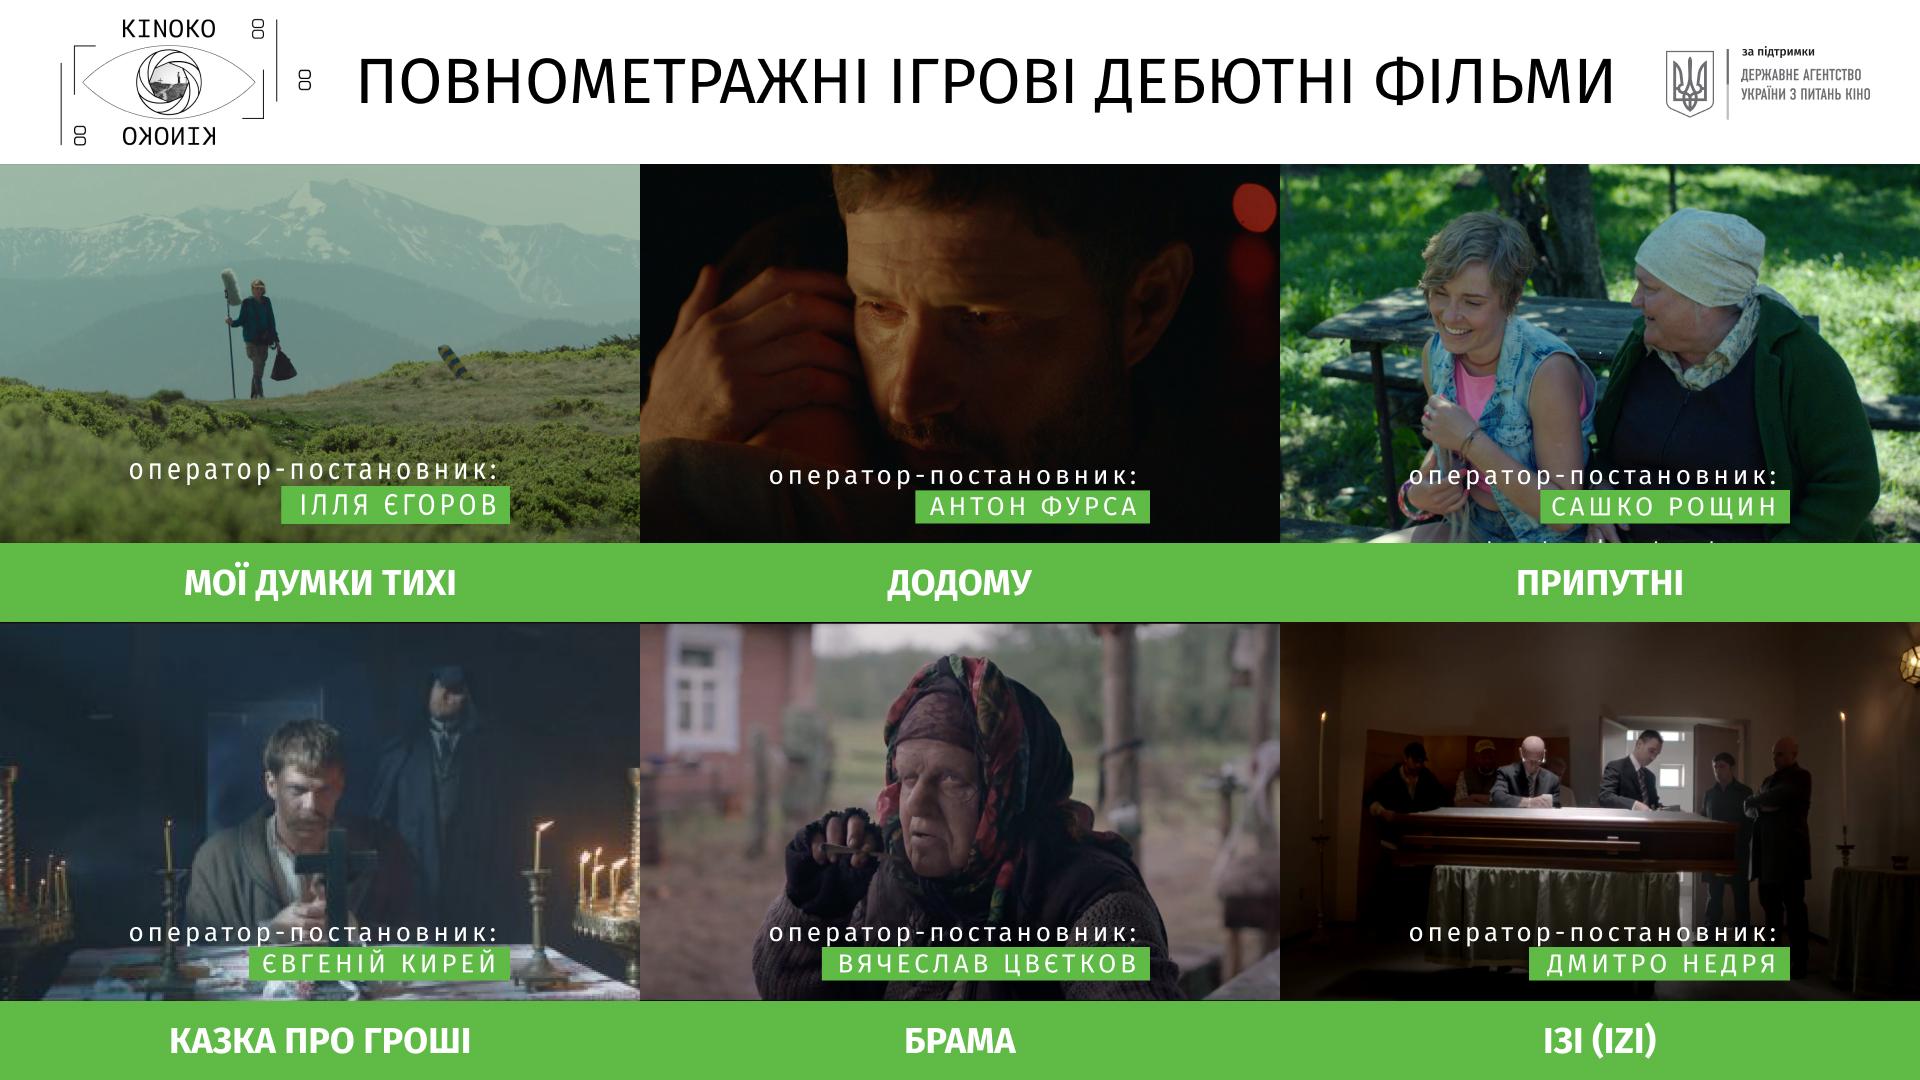 3-й фестиваль кінооператорського мистецтва КІНОКО